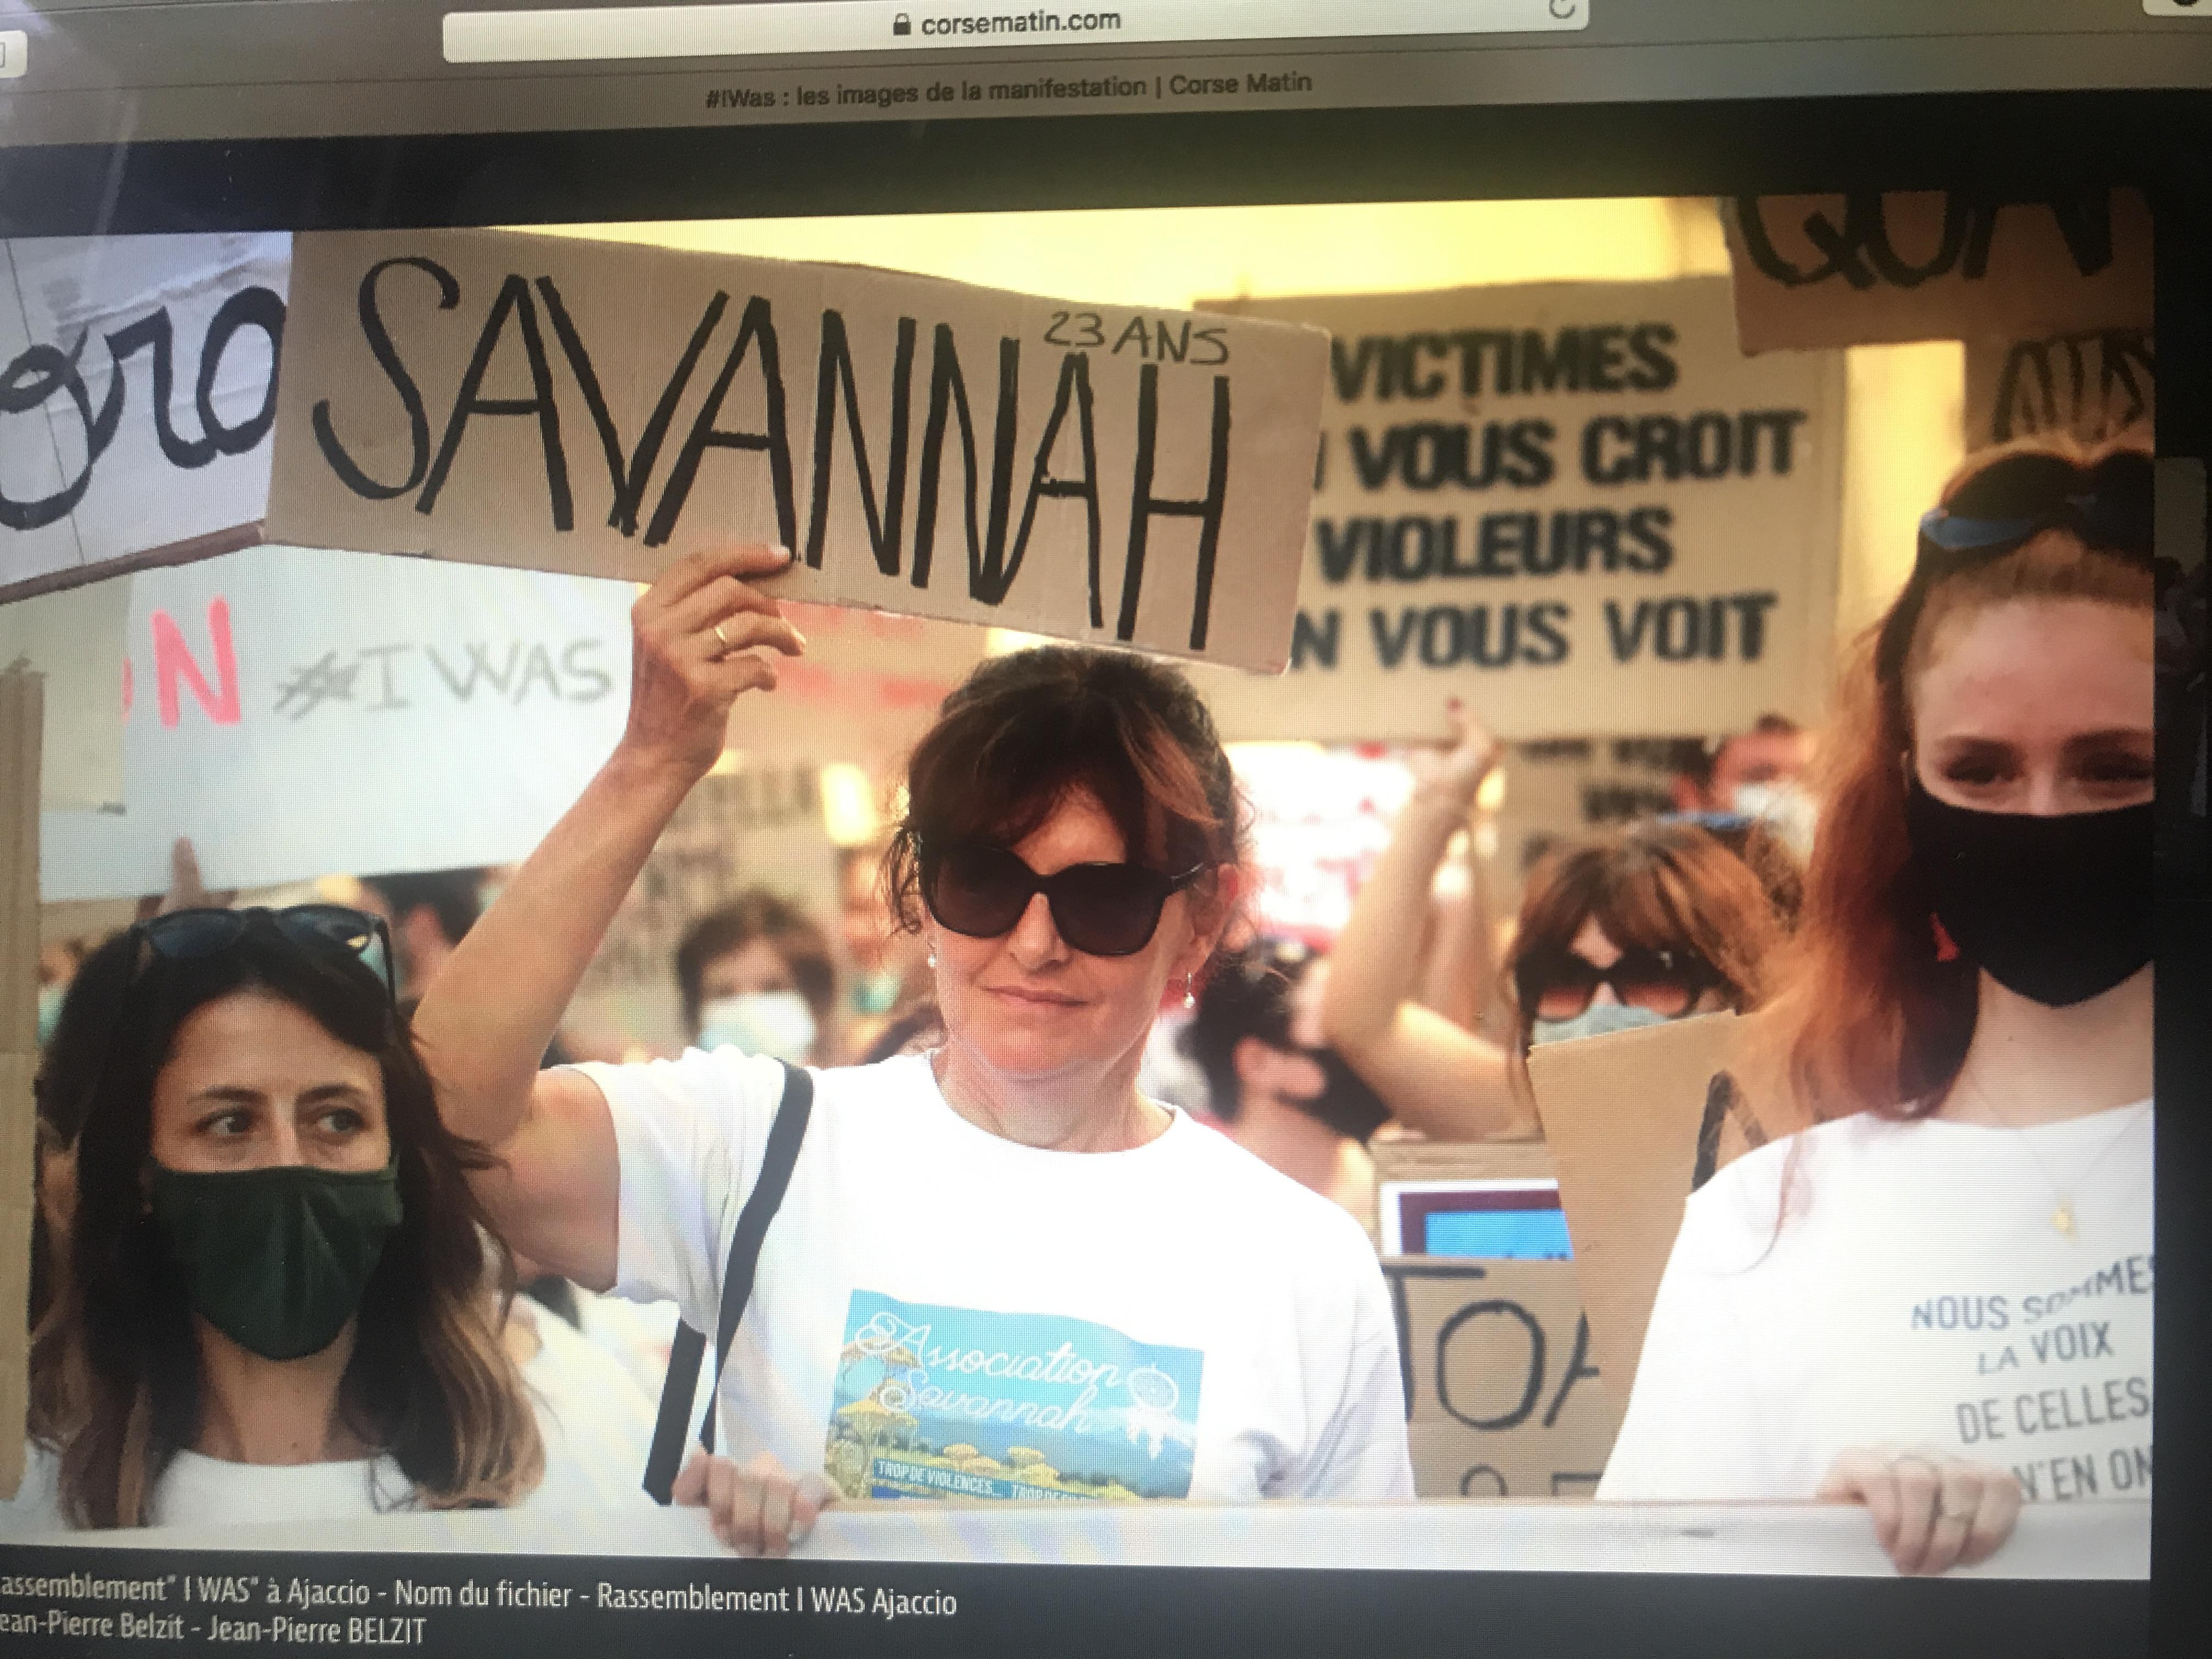 Manifestation contre les violences sexuelles et sexistes …